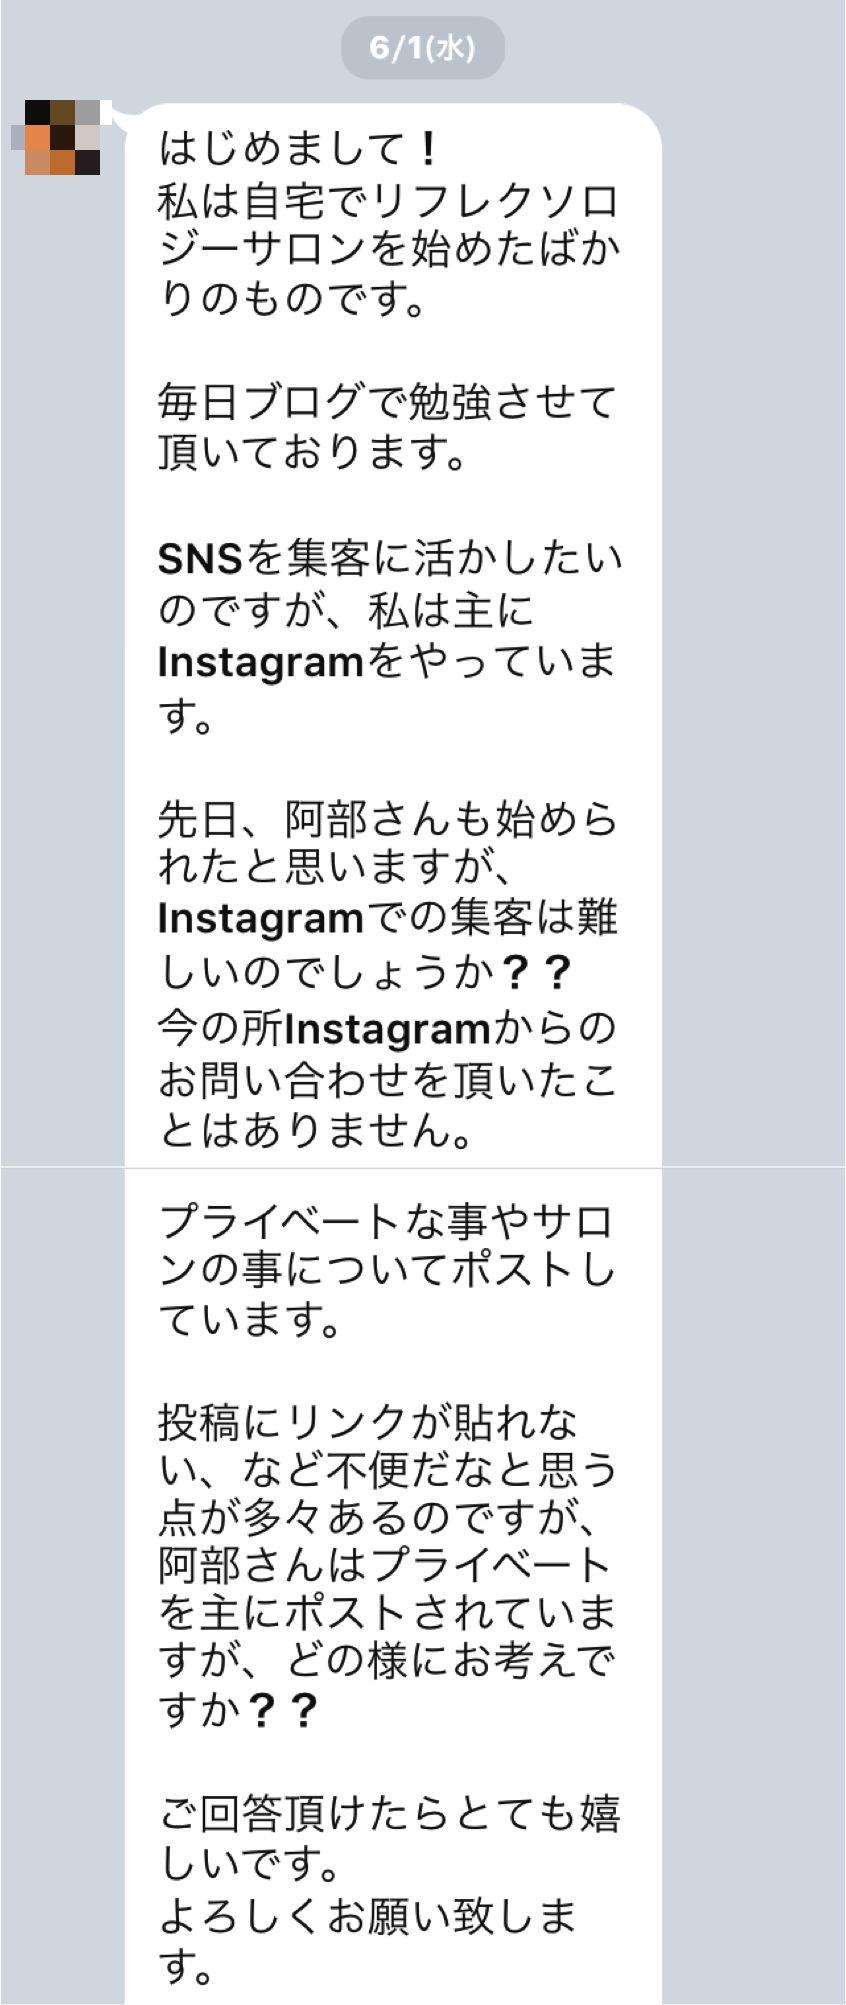 Instagram(インスタグラム)での集客は難しいのでしょうか?